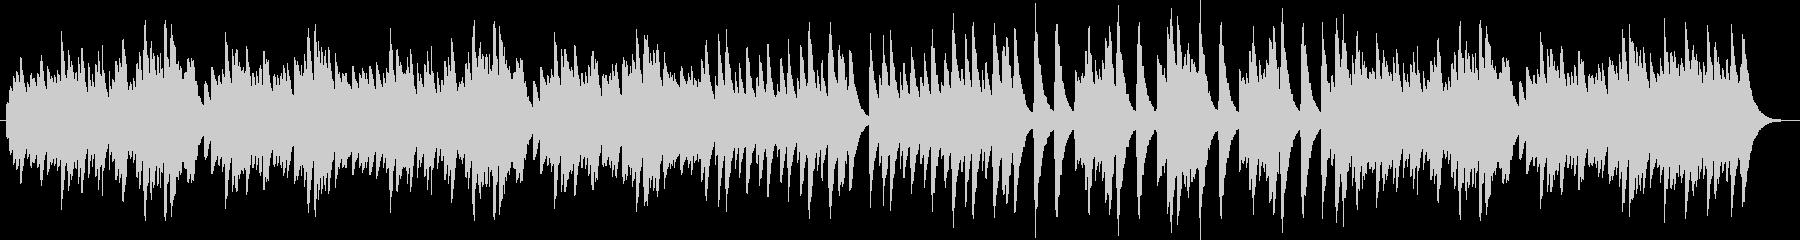 シチリアーナ(オルゴール)の未再生の波形